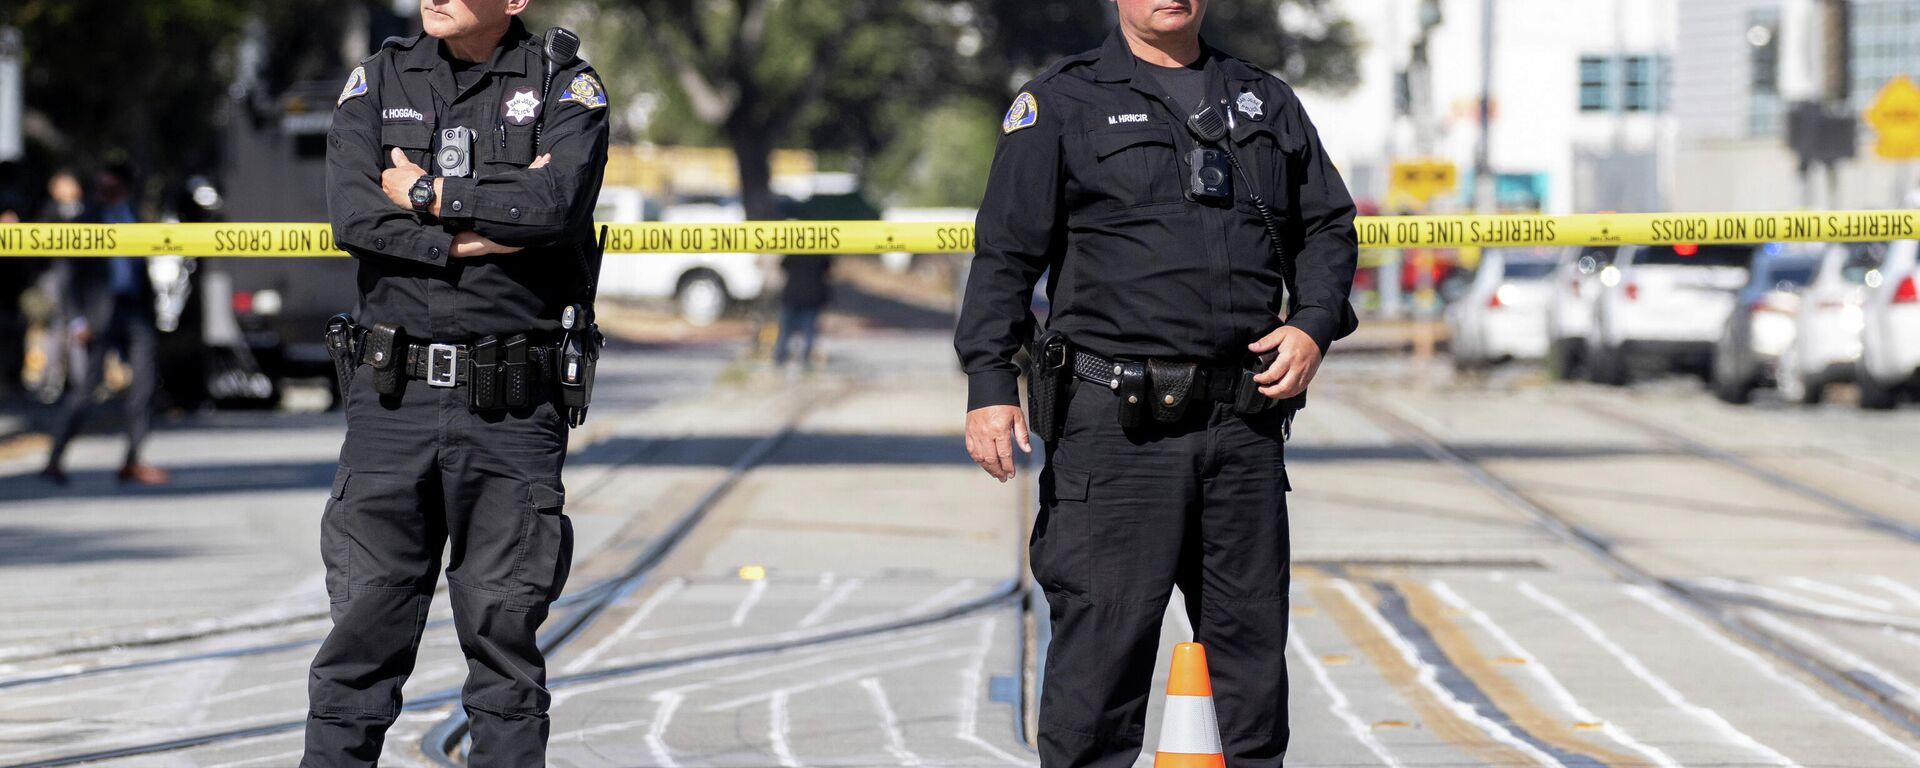 Policía en el lugar del tiroteo en San José, EEUU - Sputnik Mundo, 1920, 26.05.2021